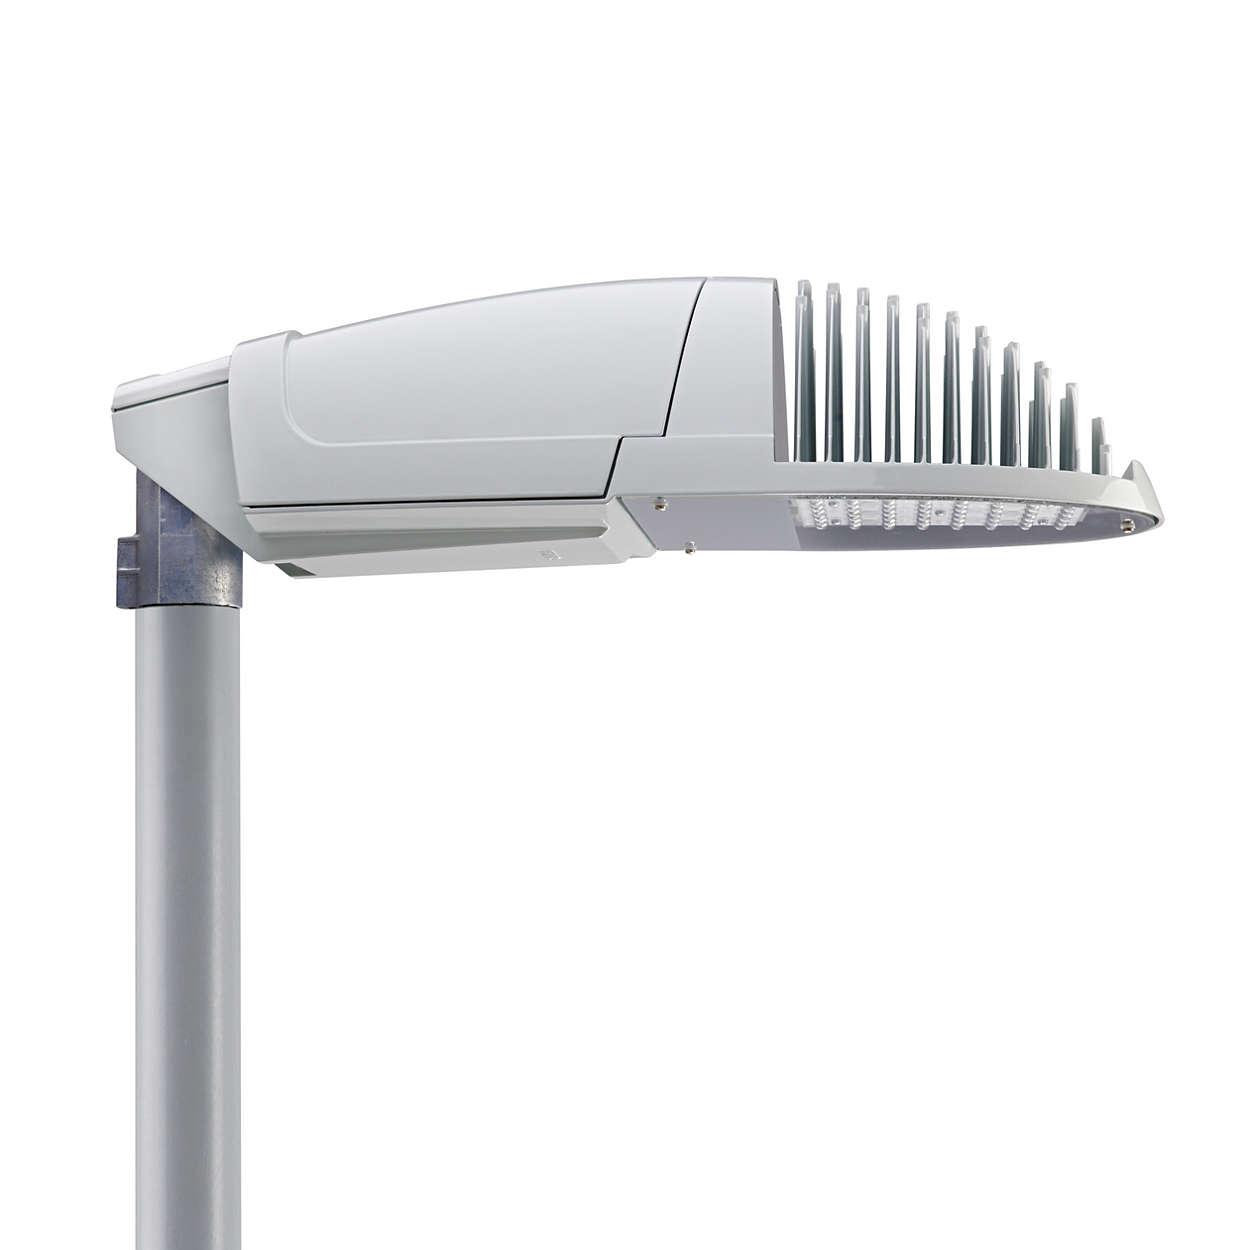 Selenium LED – simple efficiency